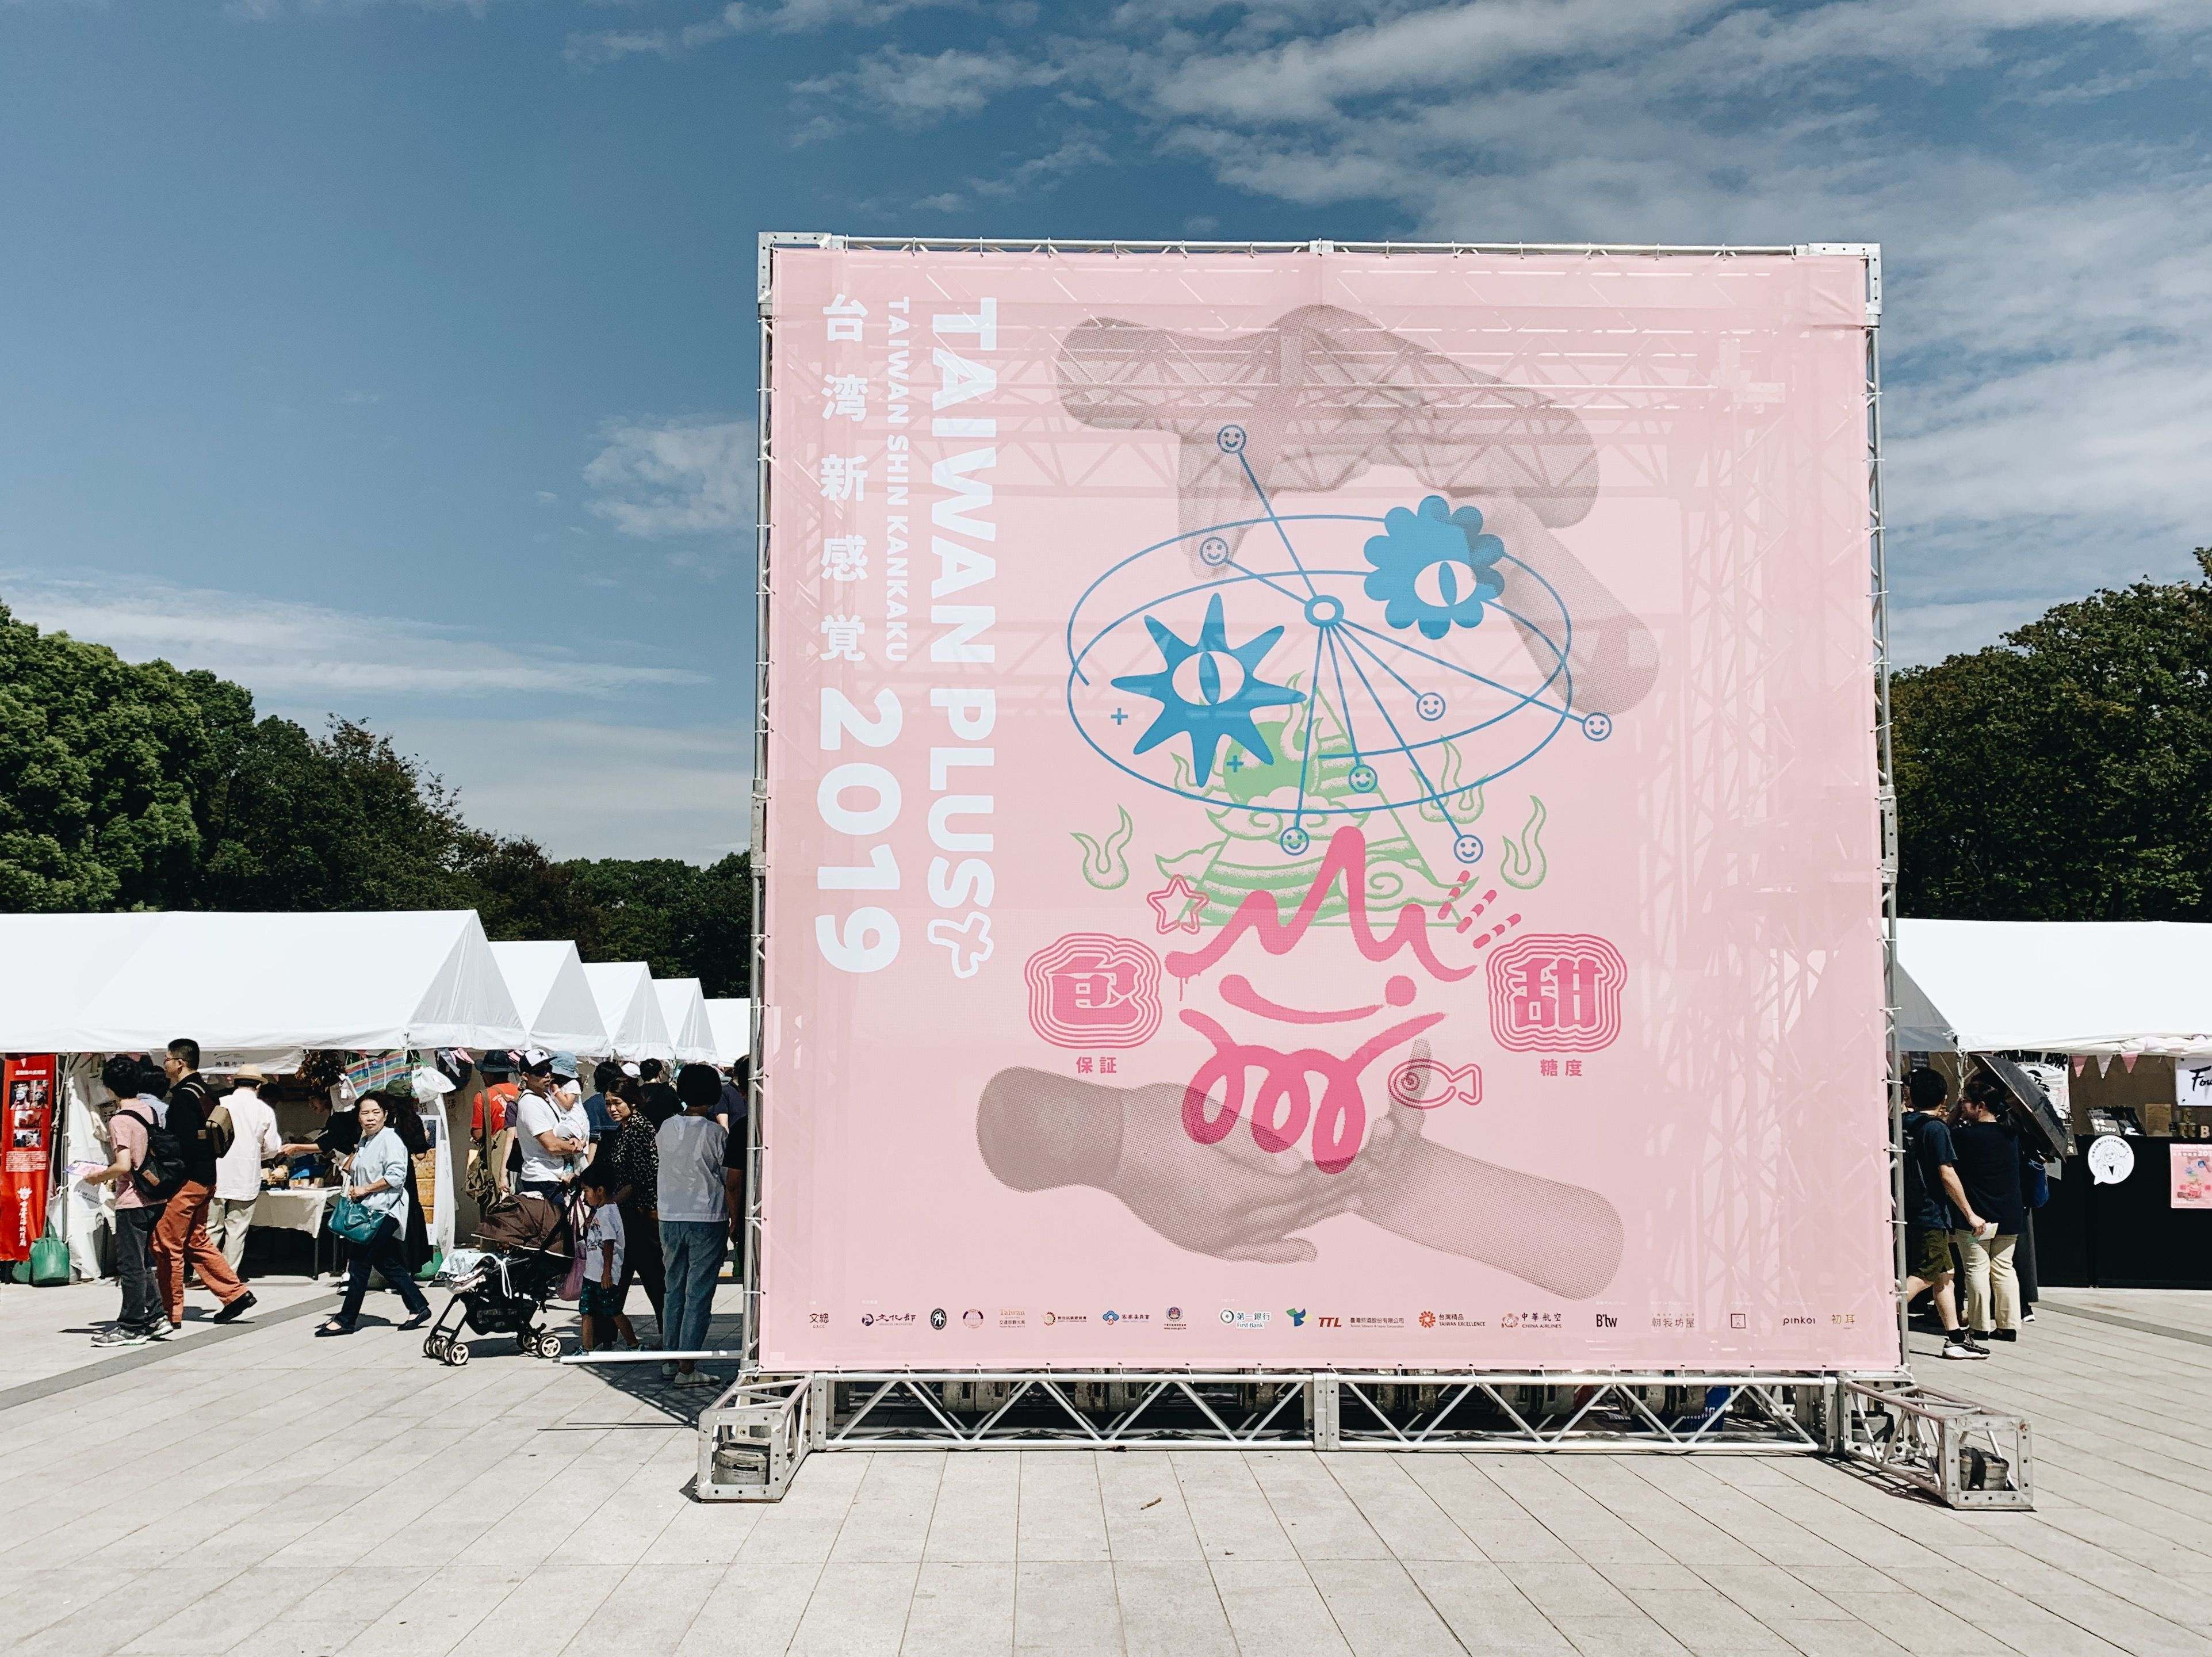 TAIWAN PLUS 2019》一場為期兩天的市集活動,為台灣留下了什麼?